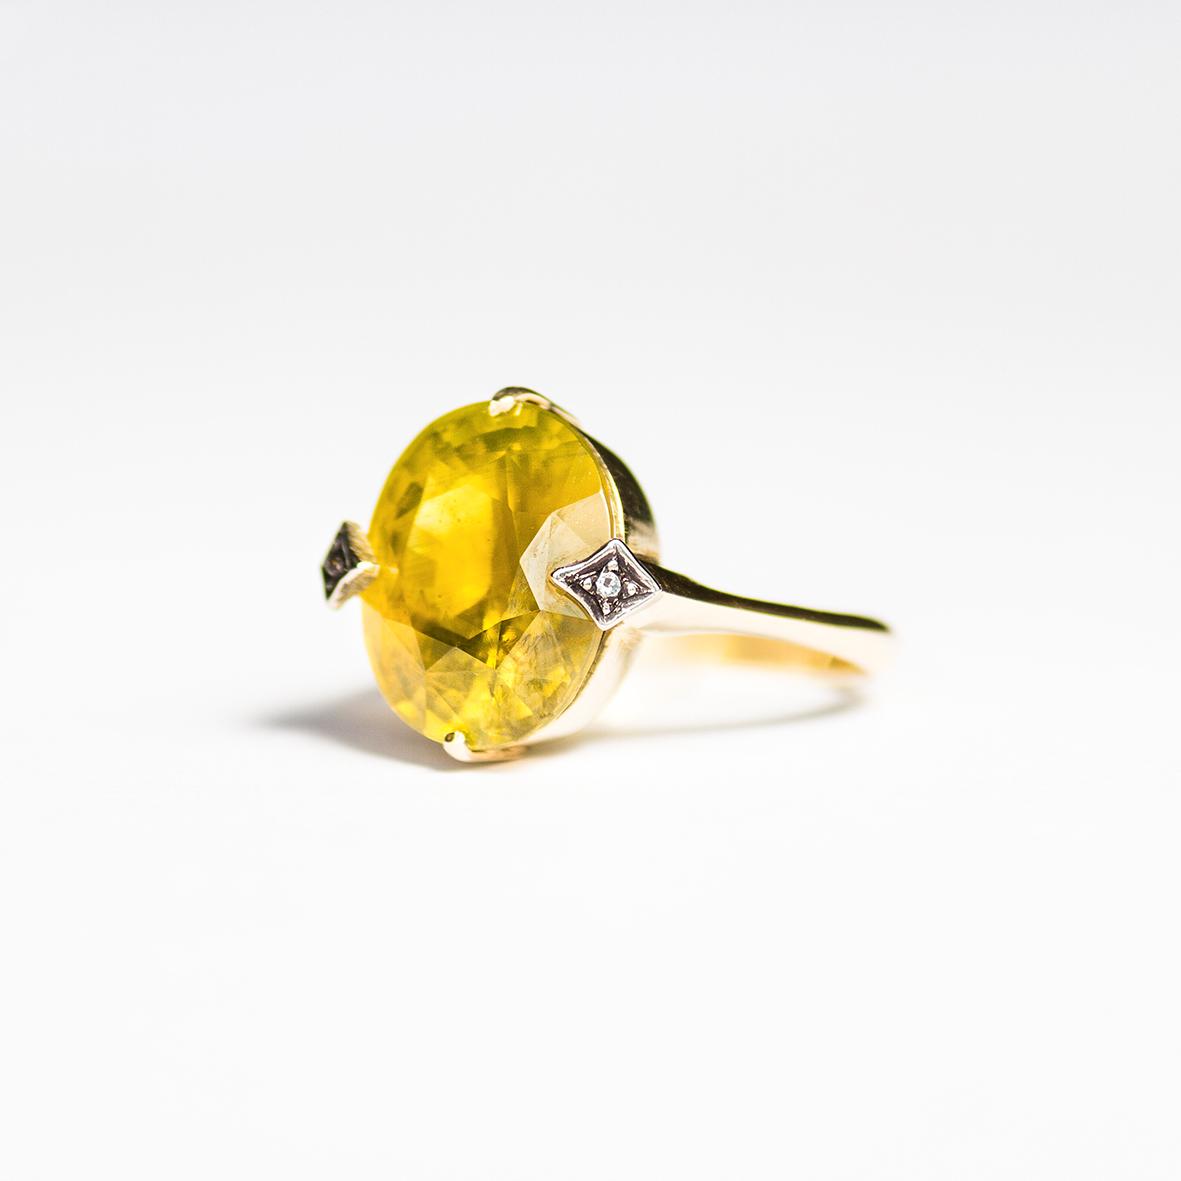 2. OONA_gems of ceylon_ficha1_yellow tourmaline ring